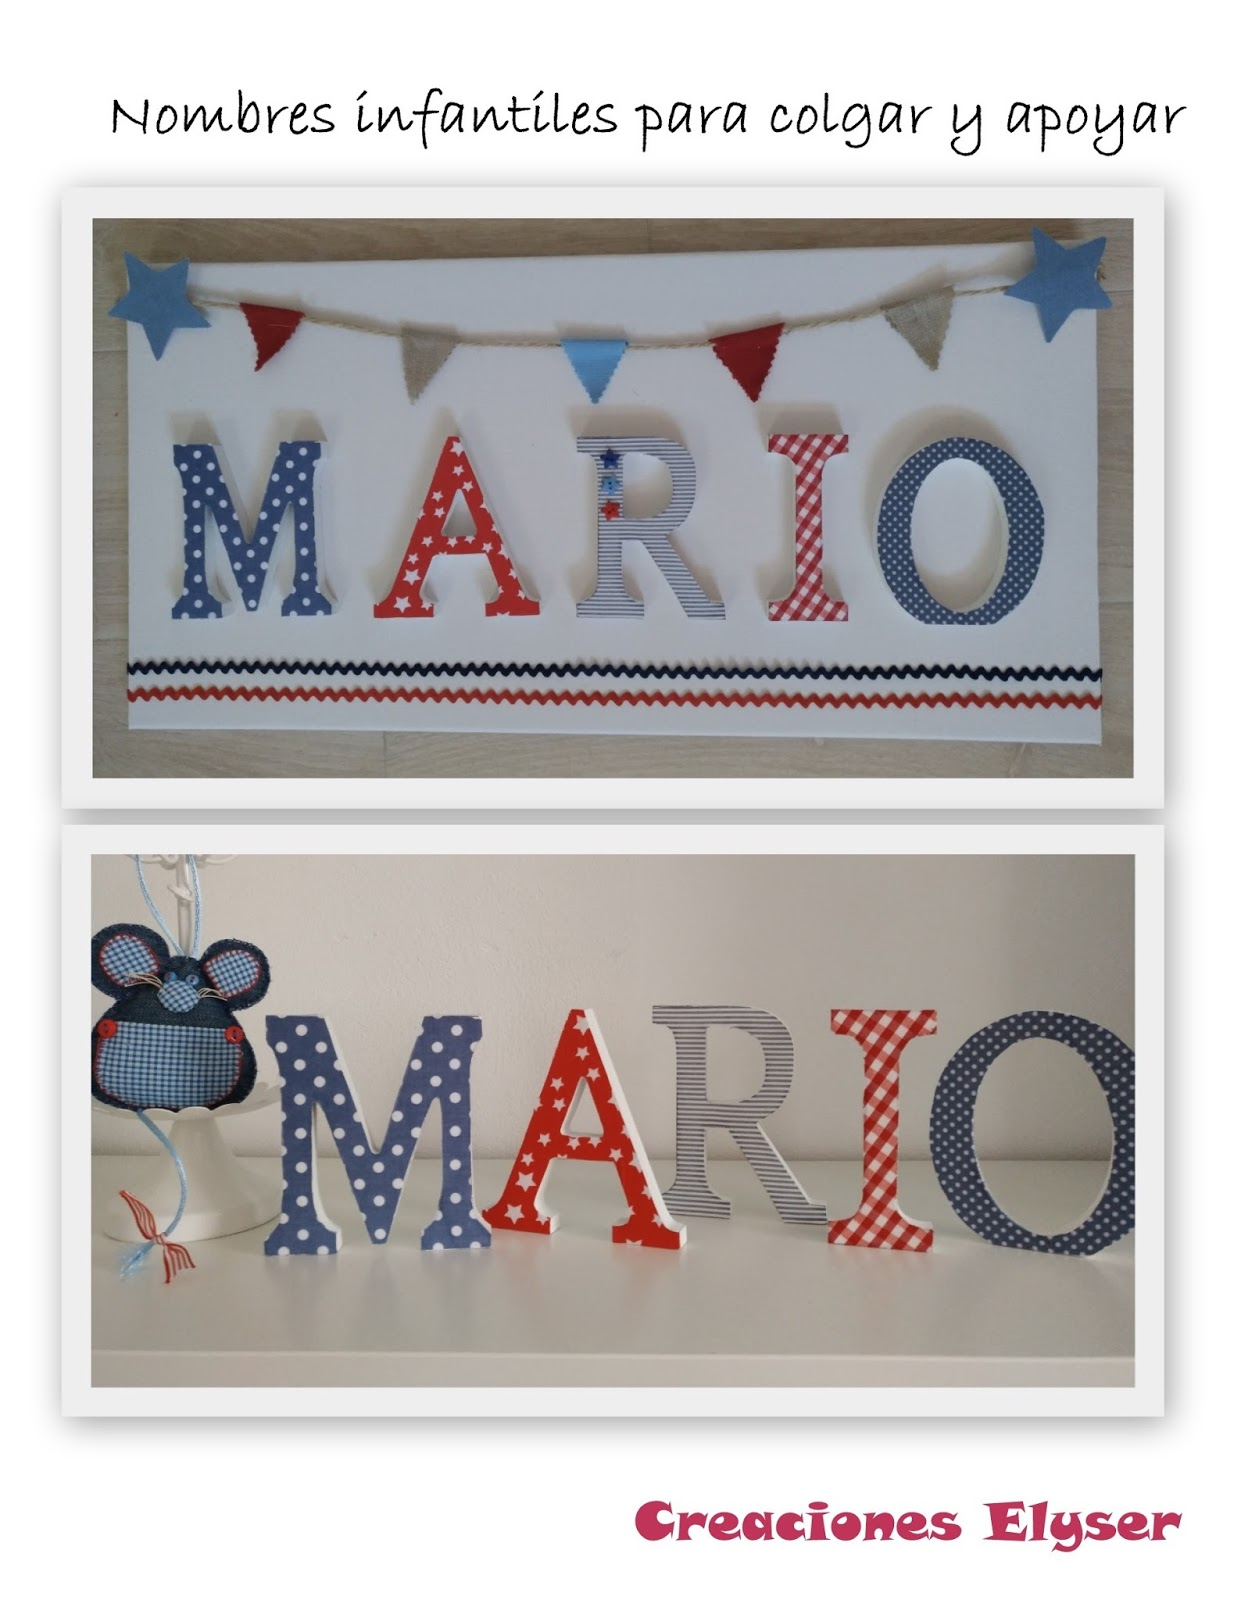 estanteras o bien forman un bonito cuadro para colgar en la pared de la habitacin de los ms peques de la casa medida de letra cm